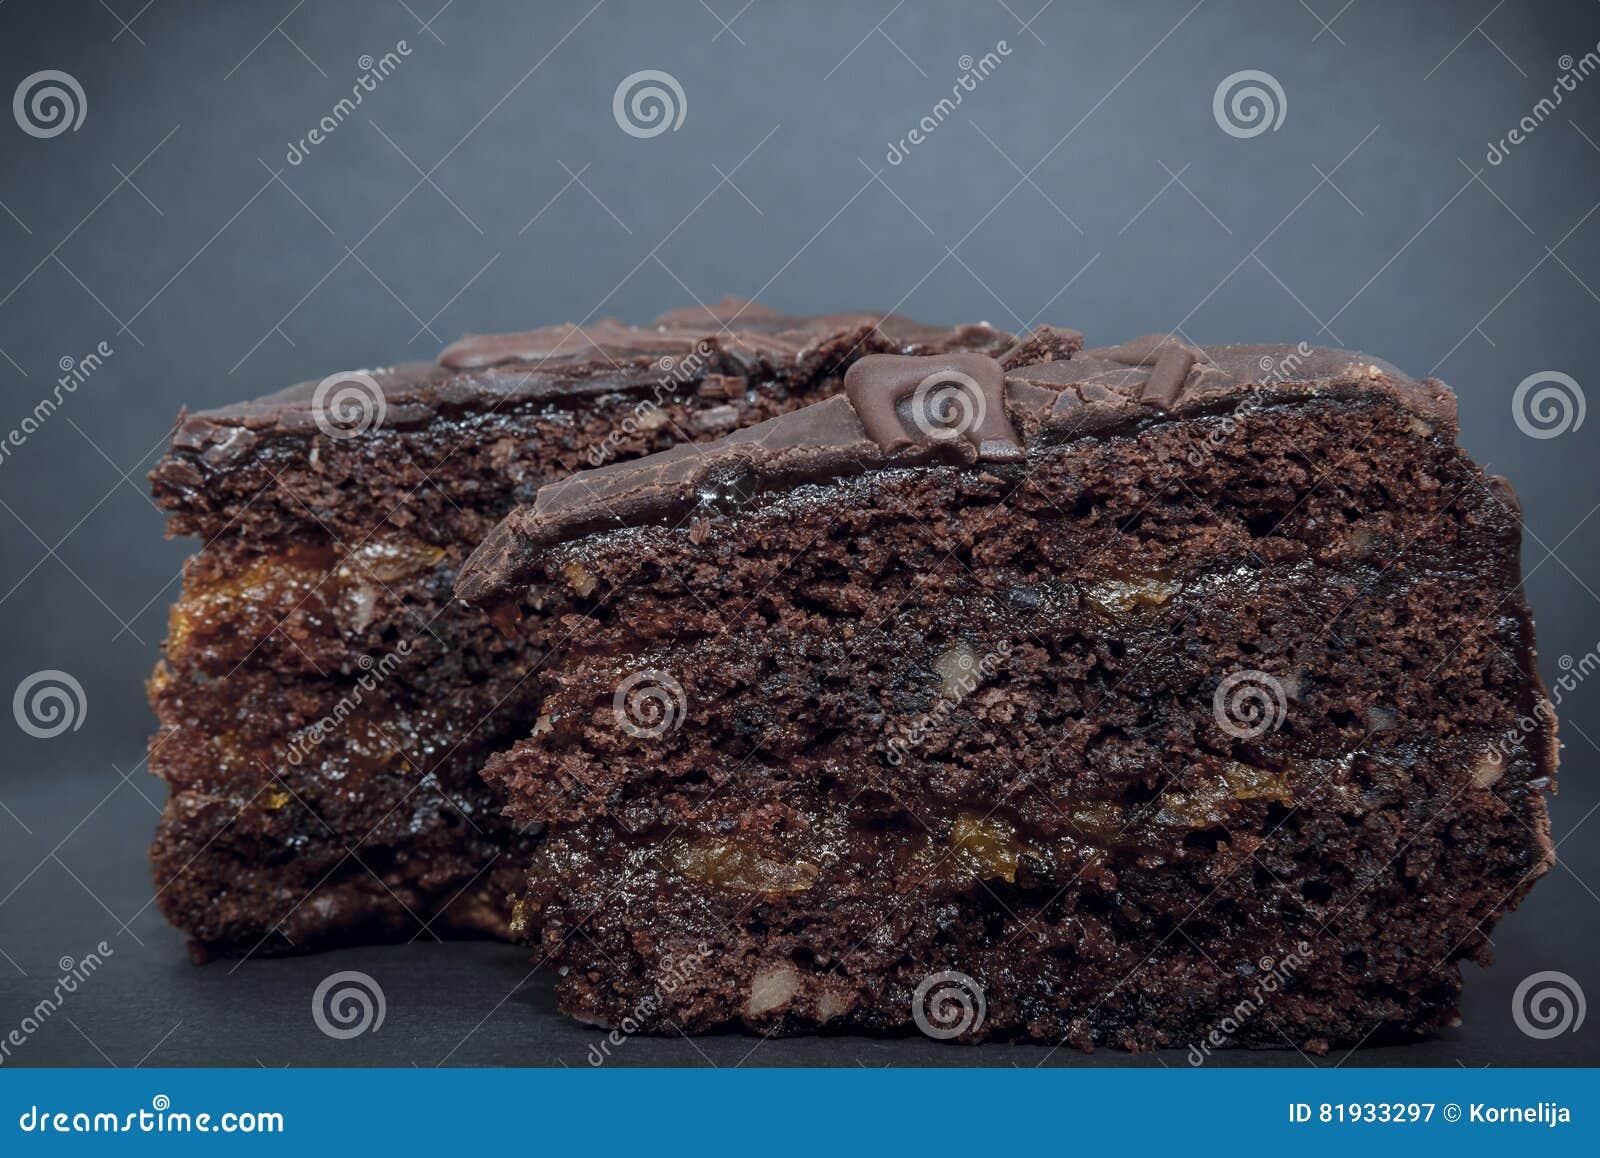 Schokolade Torte Mit Aprikosen Marmelade Stockbild Bild Von